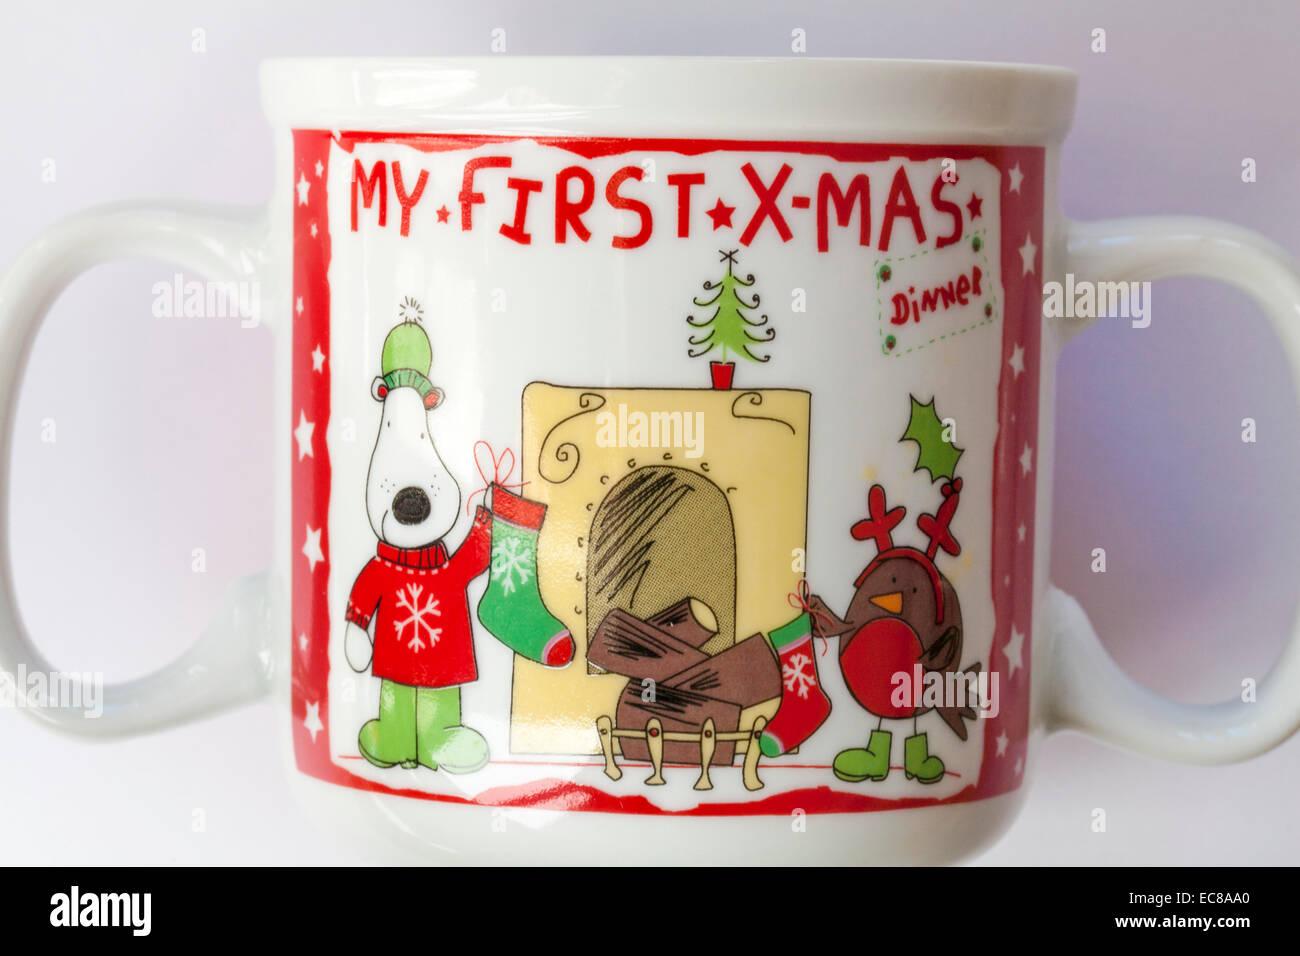 My first Xmas double handled mug set on white background - Stock Image